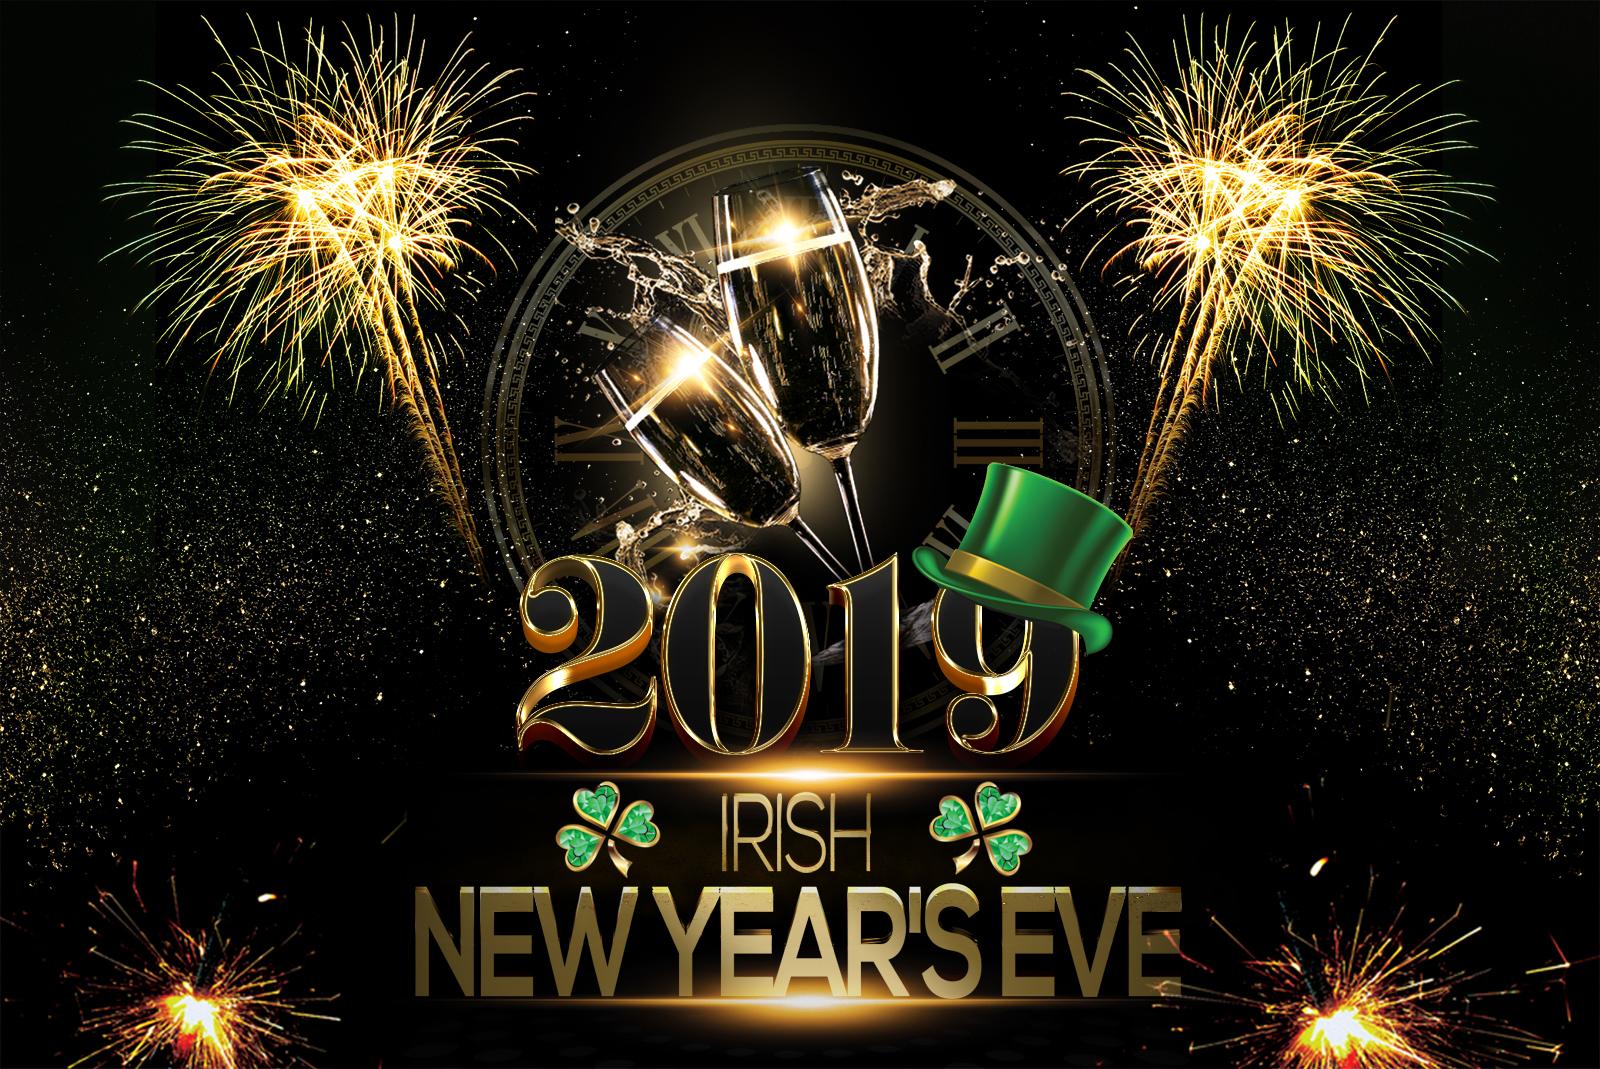 Irish New Year 2019